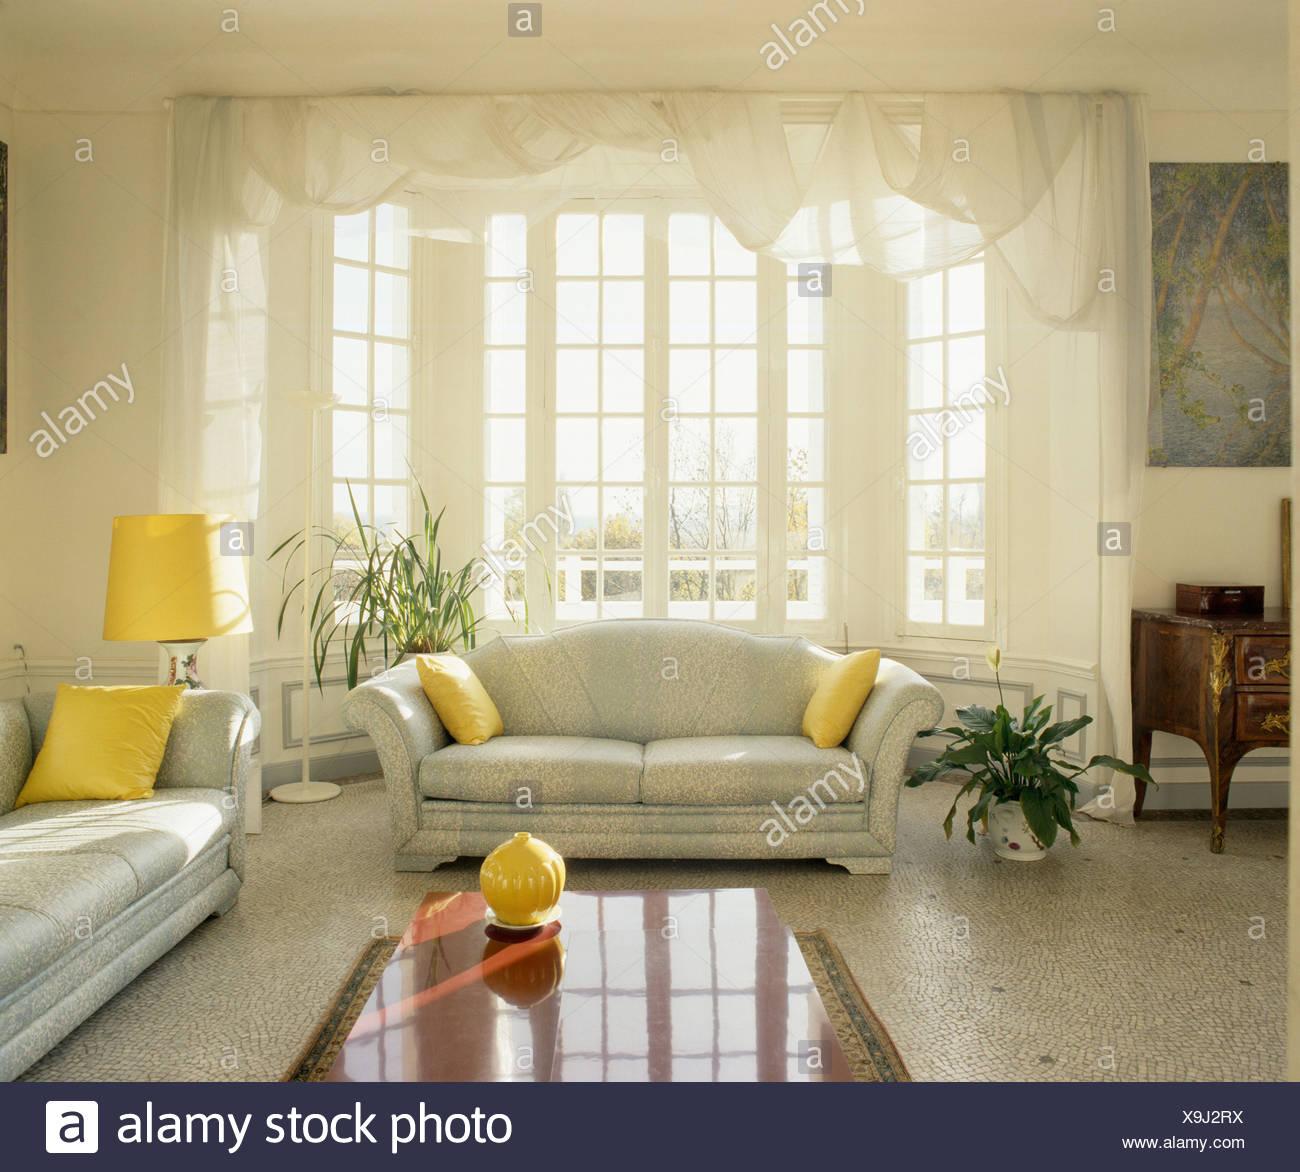 terrazzo boden und grau sofas mit gelben kissen im traditionellen franz sischen wohnzimmer mit. Black Bedroom Furniture Sets. Home Design Ideas